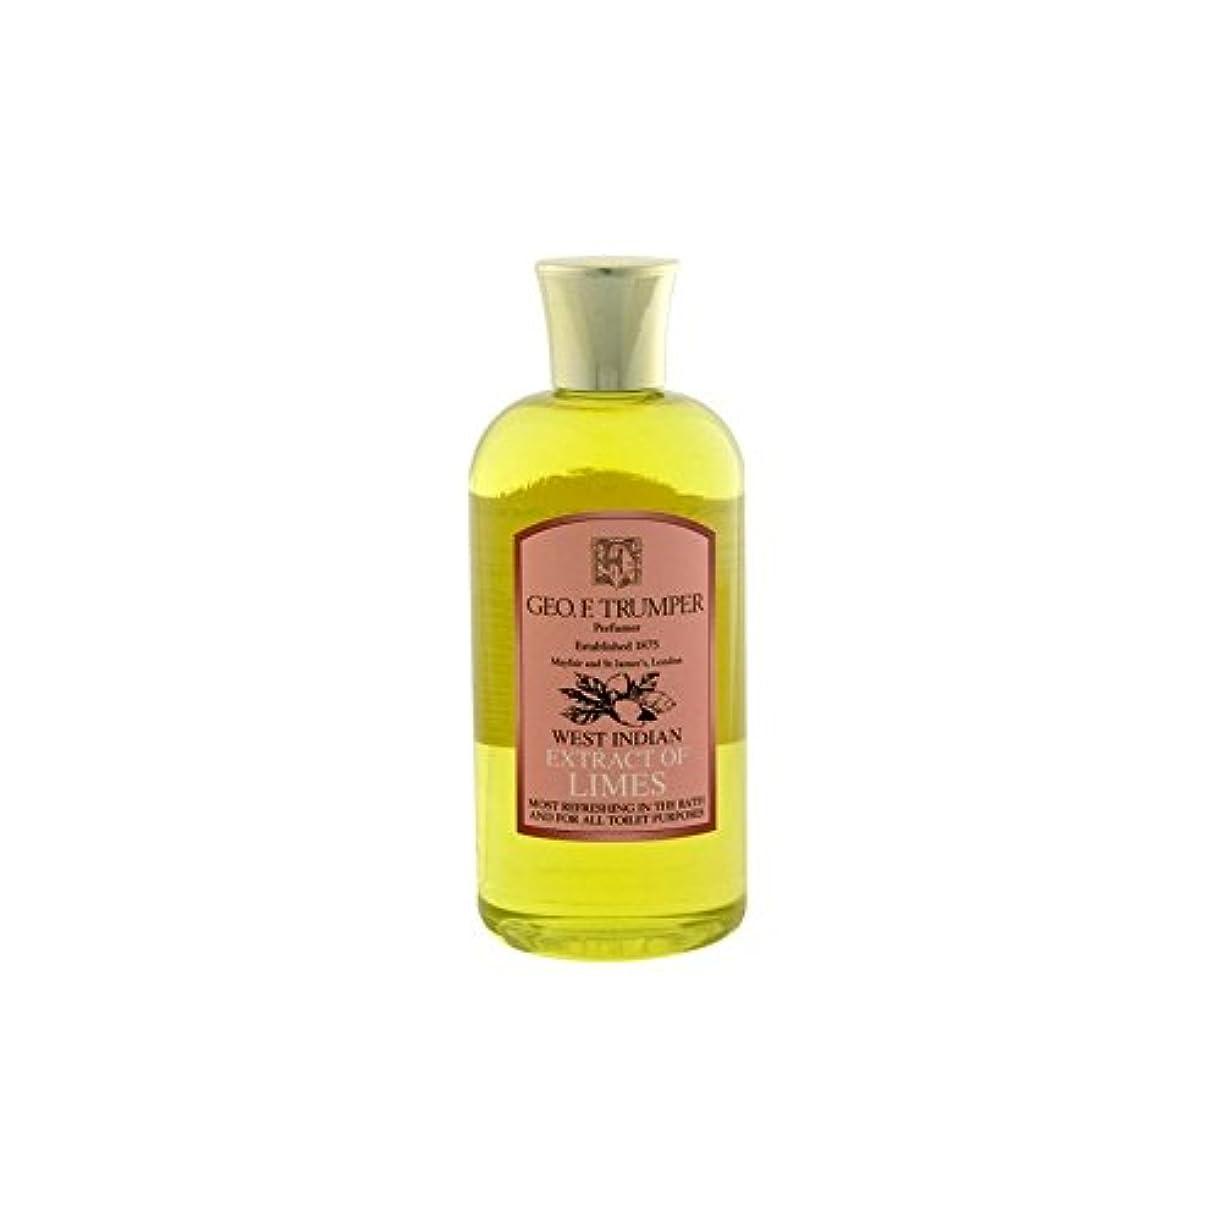 散る熟達した思春期Trumpers Limes Bath & Shower Gel - 500ml Travel - ライムのバス&シャワージェル - 500ミリリットル旅 [並行輸入品]